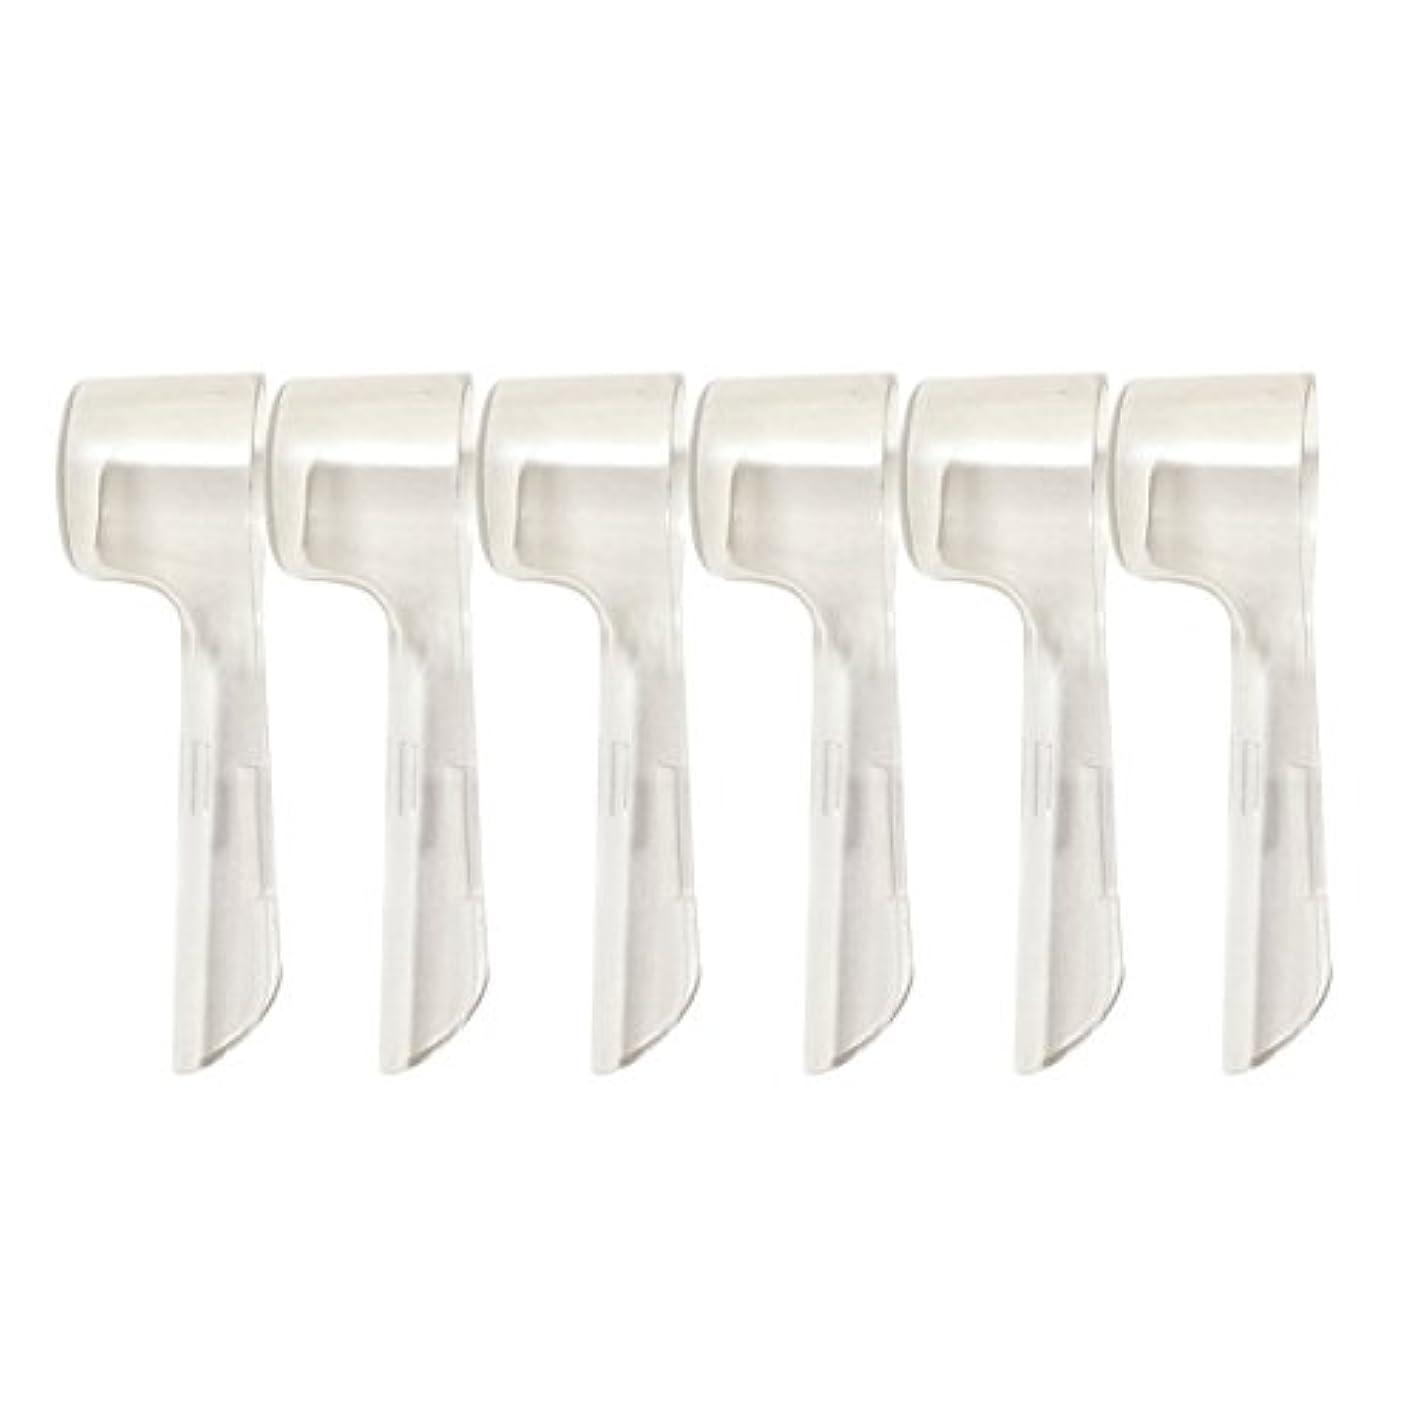 シャトル調べる本会議SUPVOX 旅行のために便利な電動歯ブラシのための6本の歯ブラシヘッド保護カバーとより衛生的にするために細菌をほこりから守るためのより衛生的な